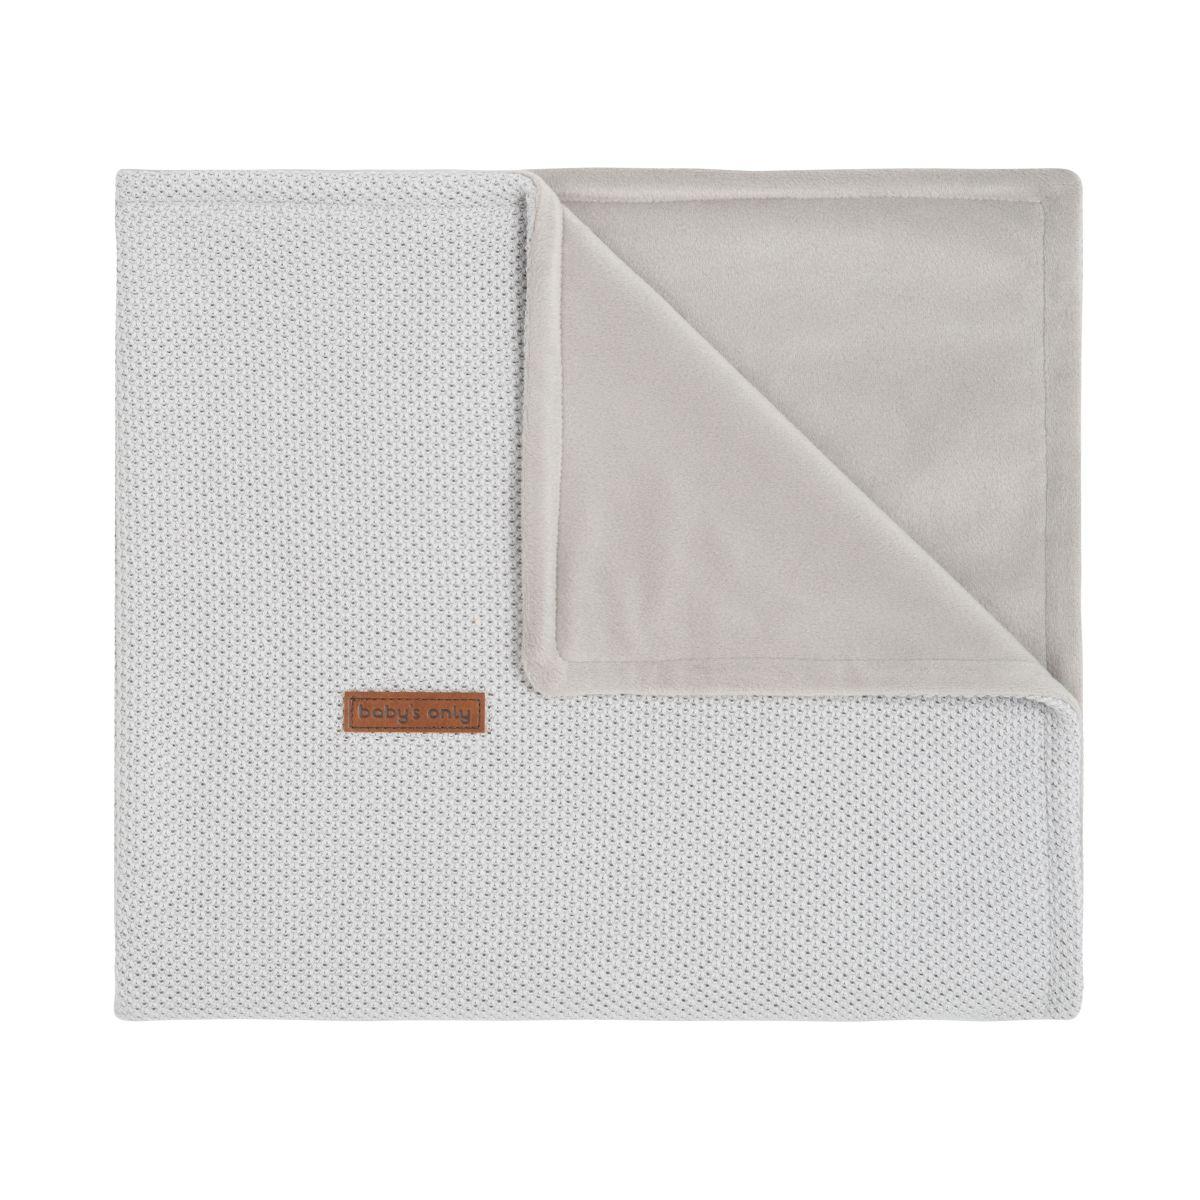 couverture lit bb soft classic gris argent